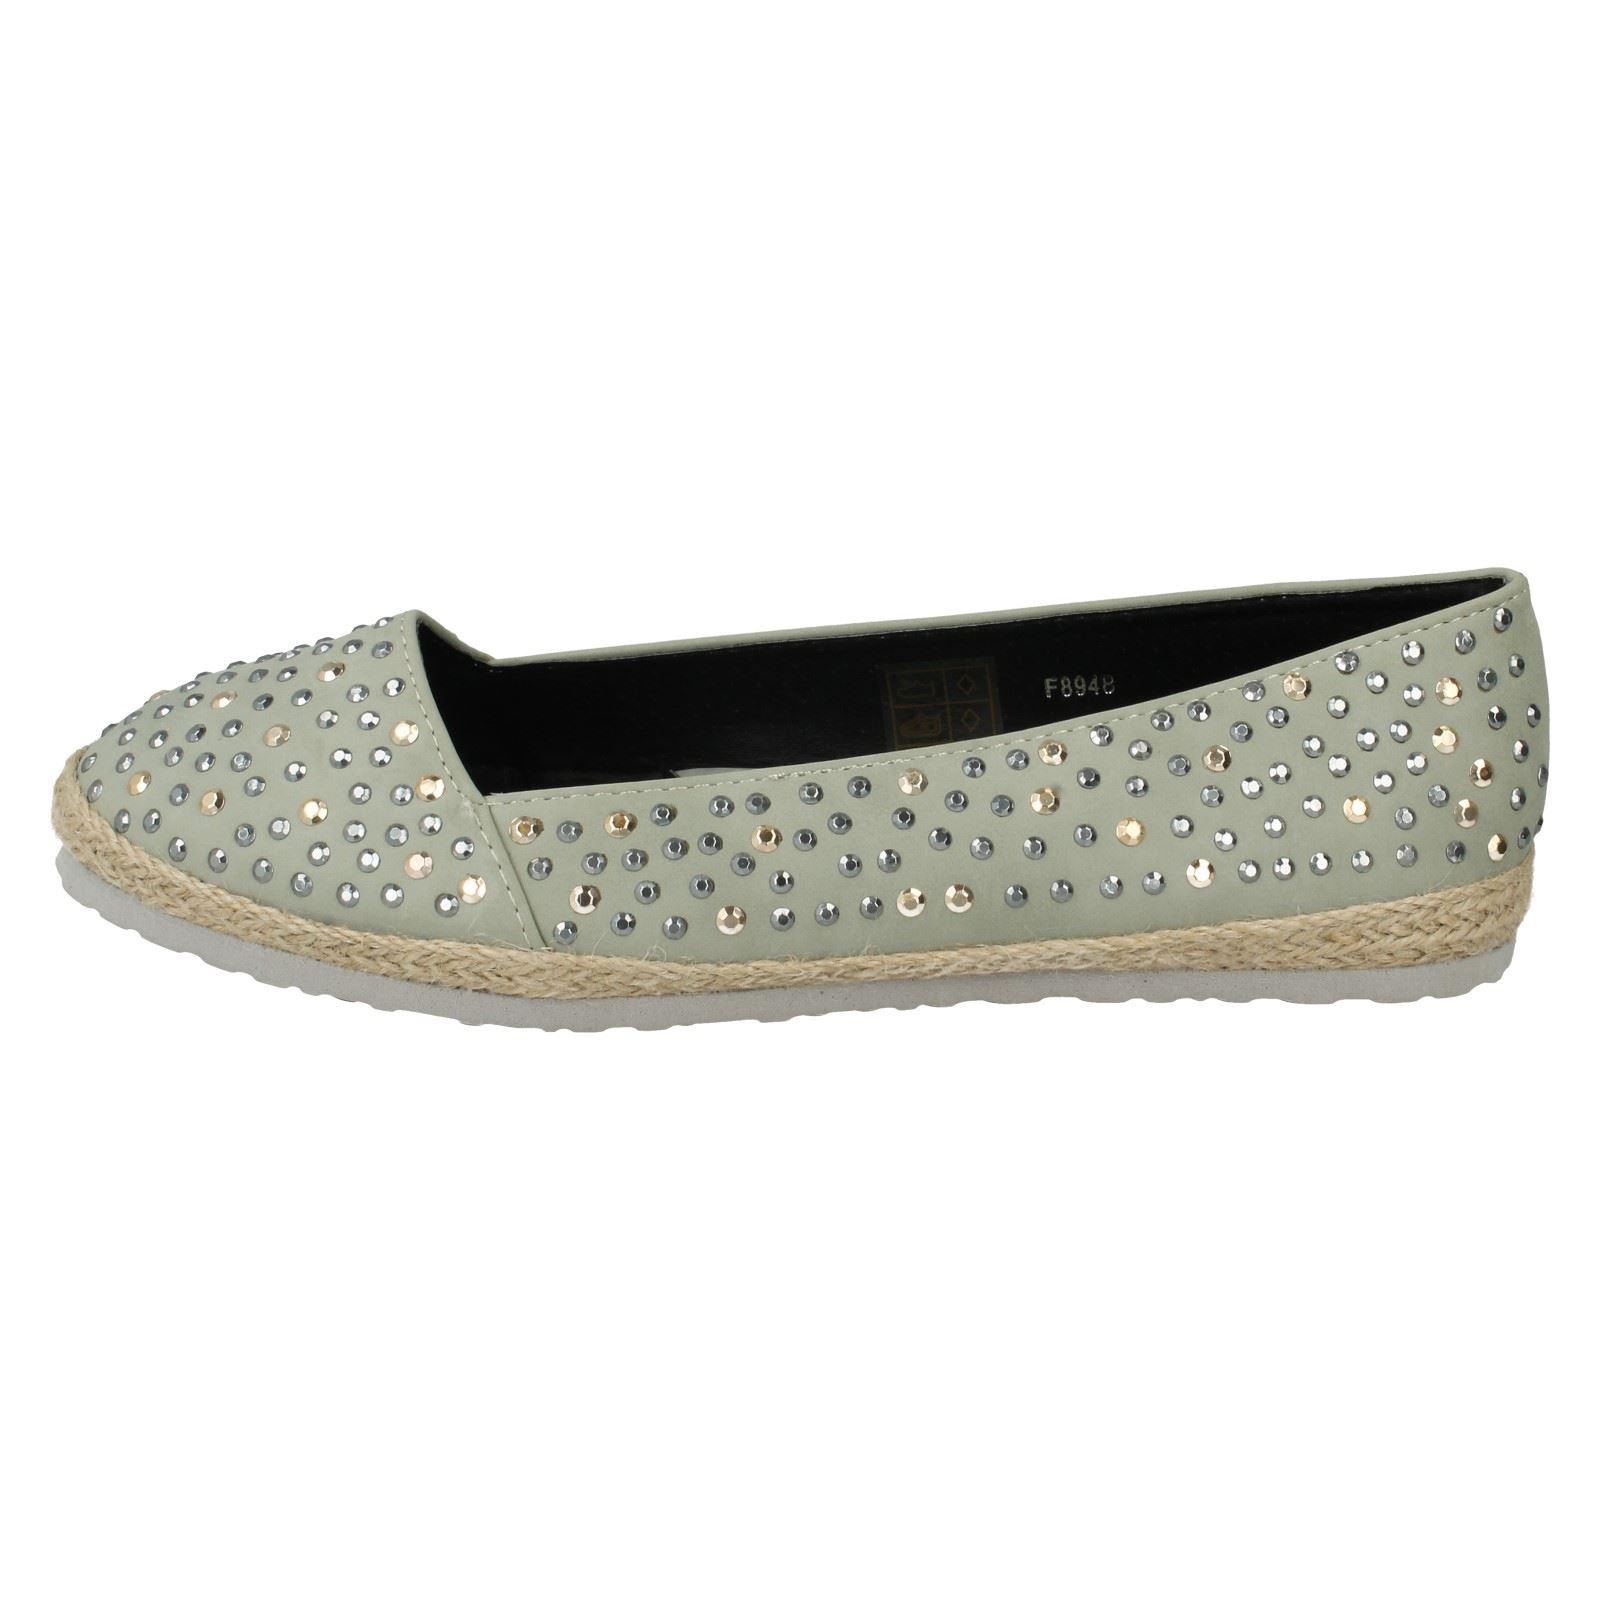 Mancha en verano señoras espadrills Zapatos De Salón Styel-F8948